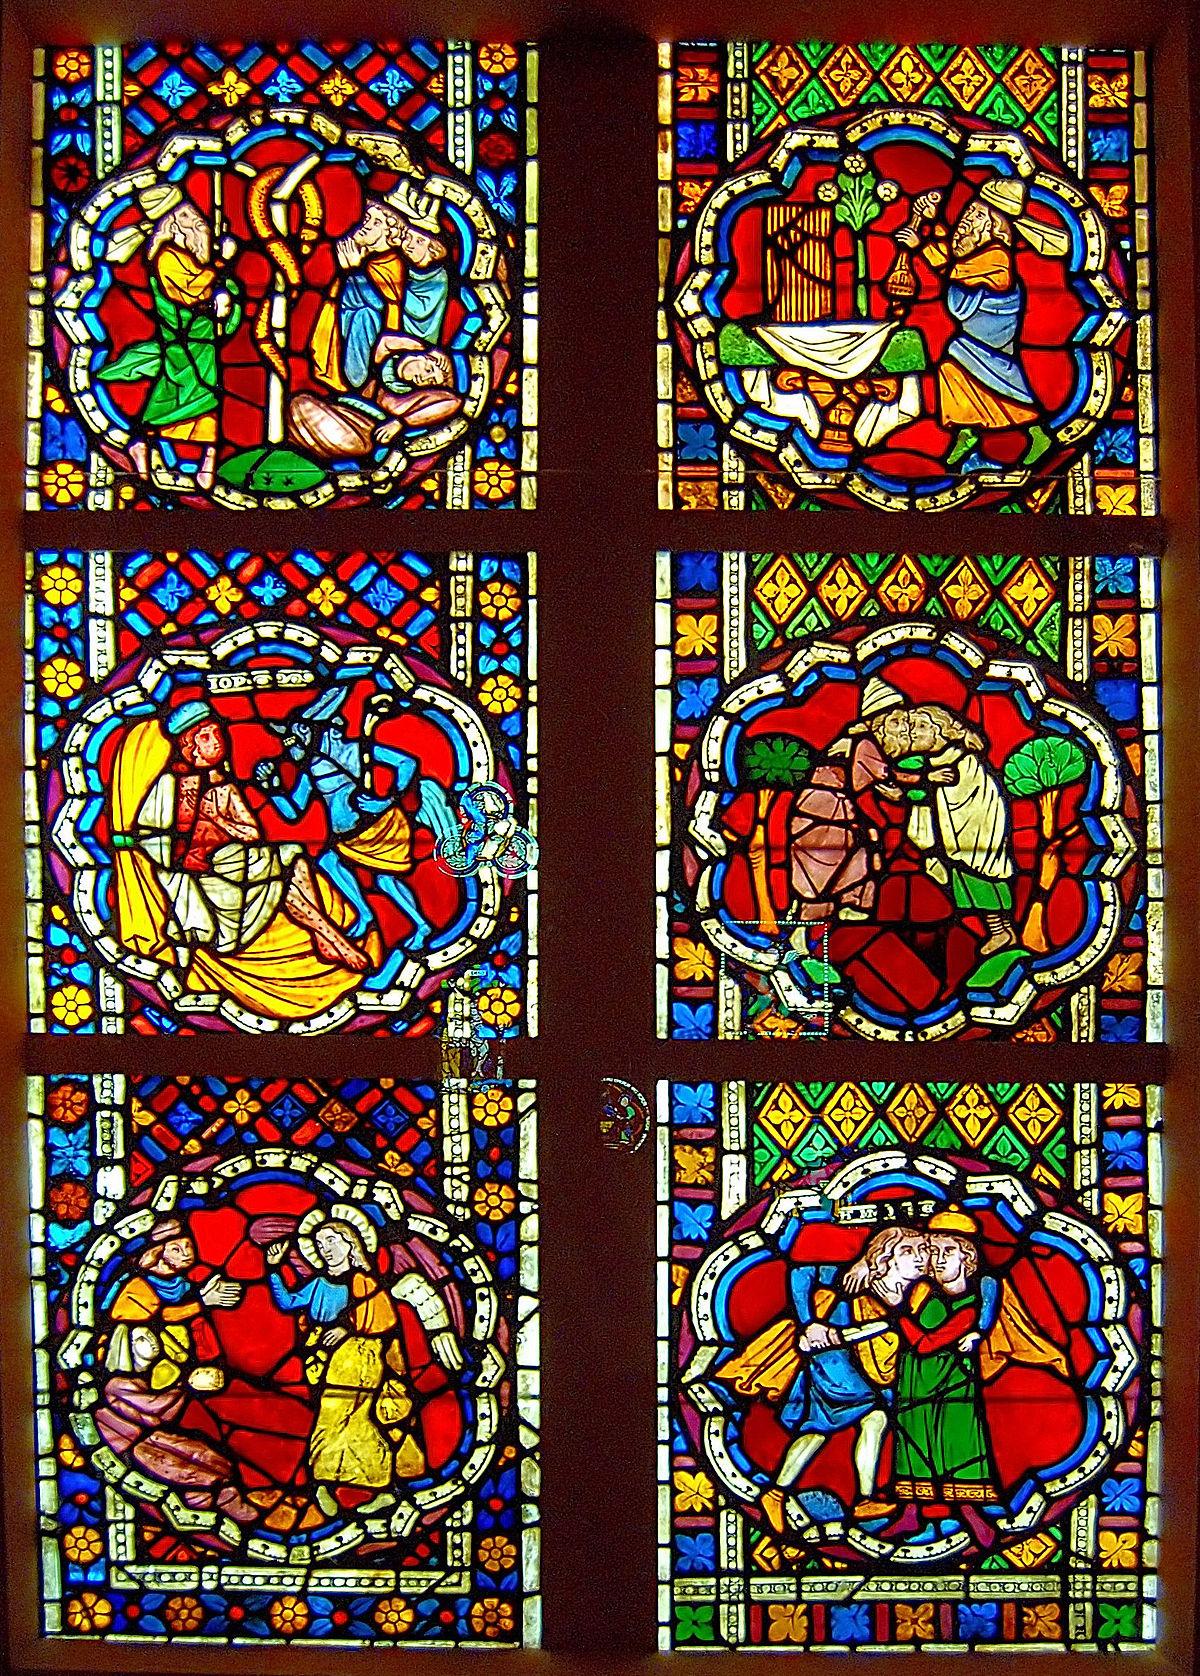 Histoire sainte wikip dia for Histoire des jardins wikipedia